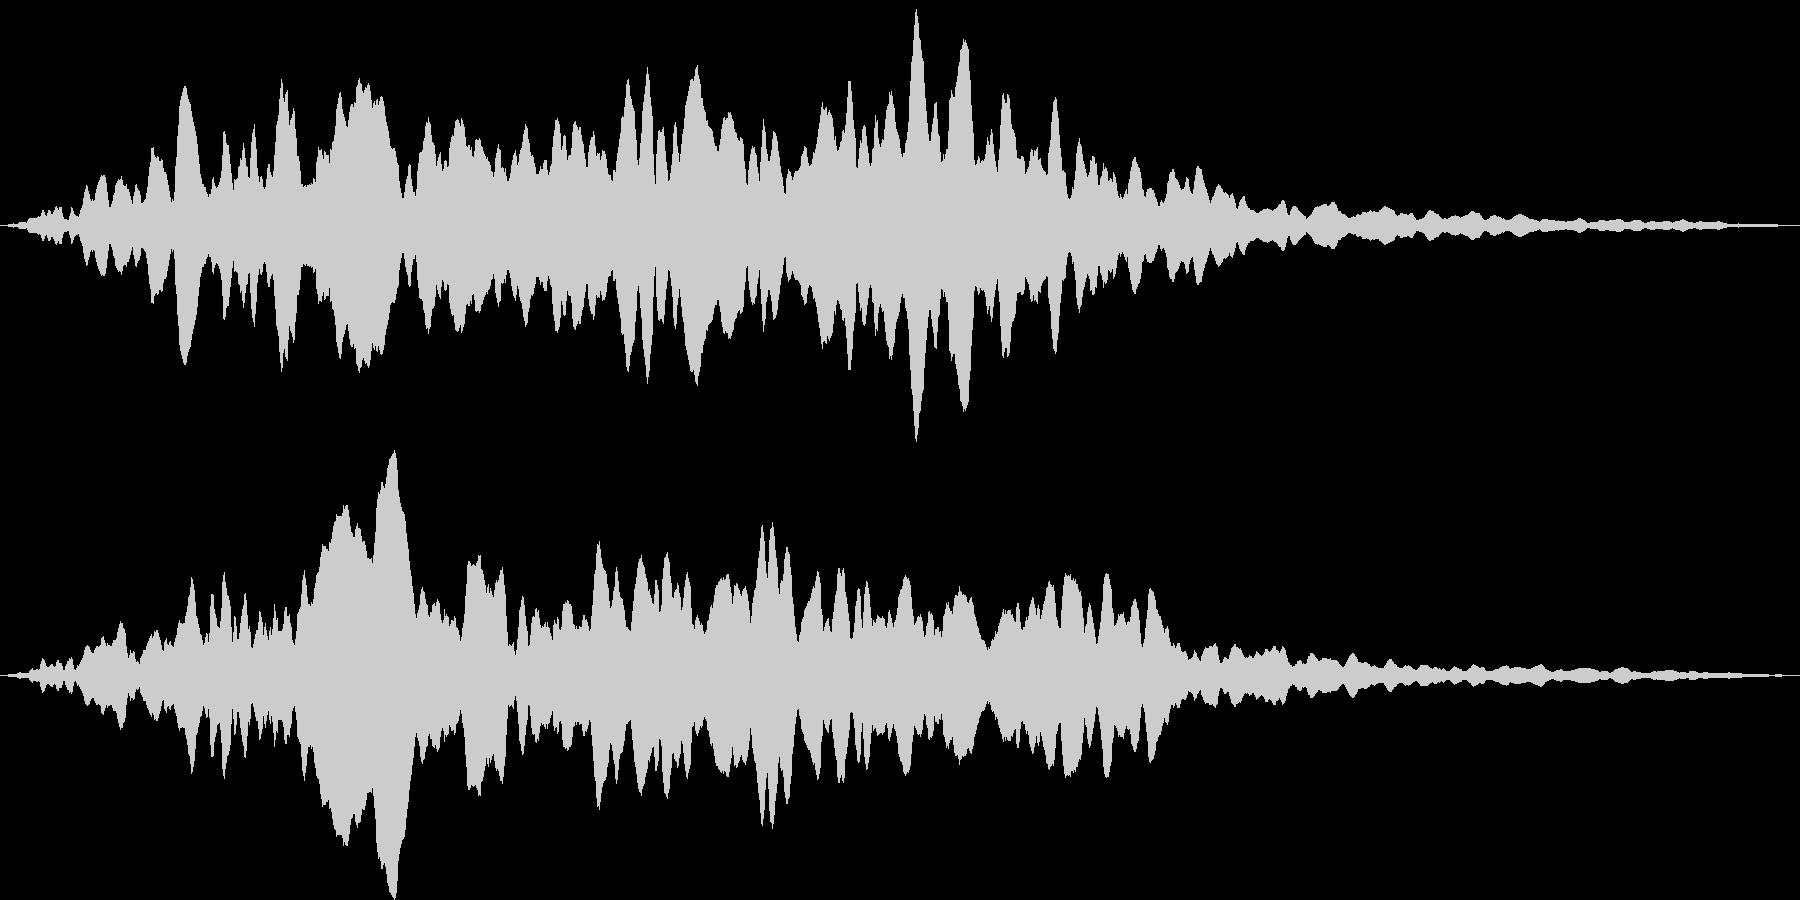 コーラスクワイヤー アンセムの未再生の波形